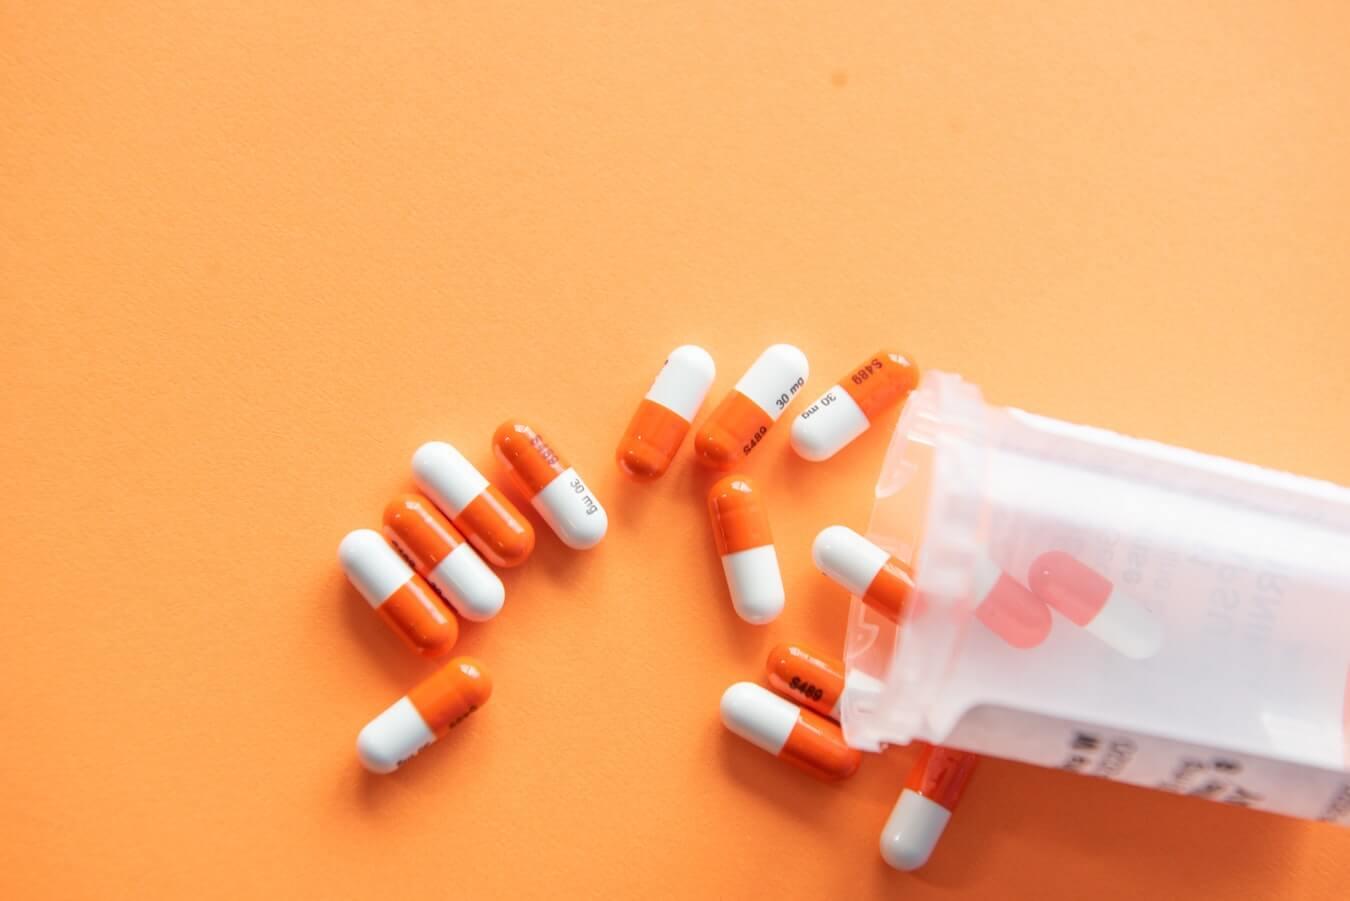 Les pharmaciens sont dignes de confiance